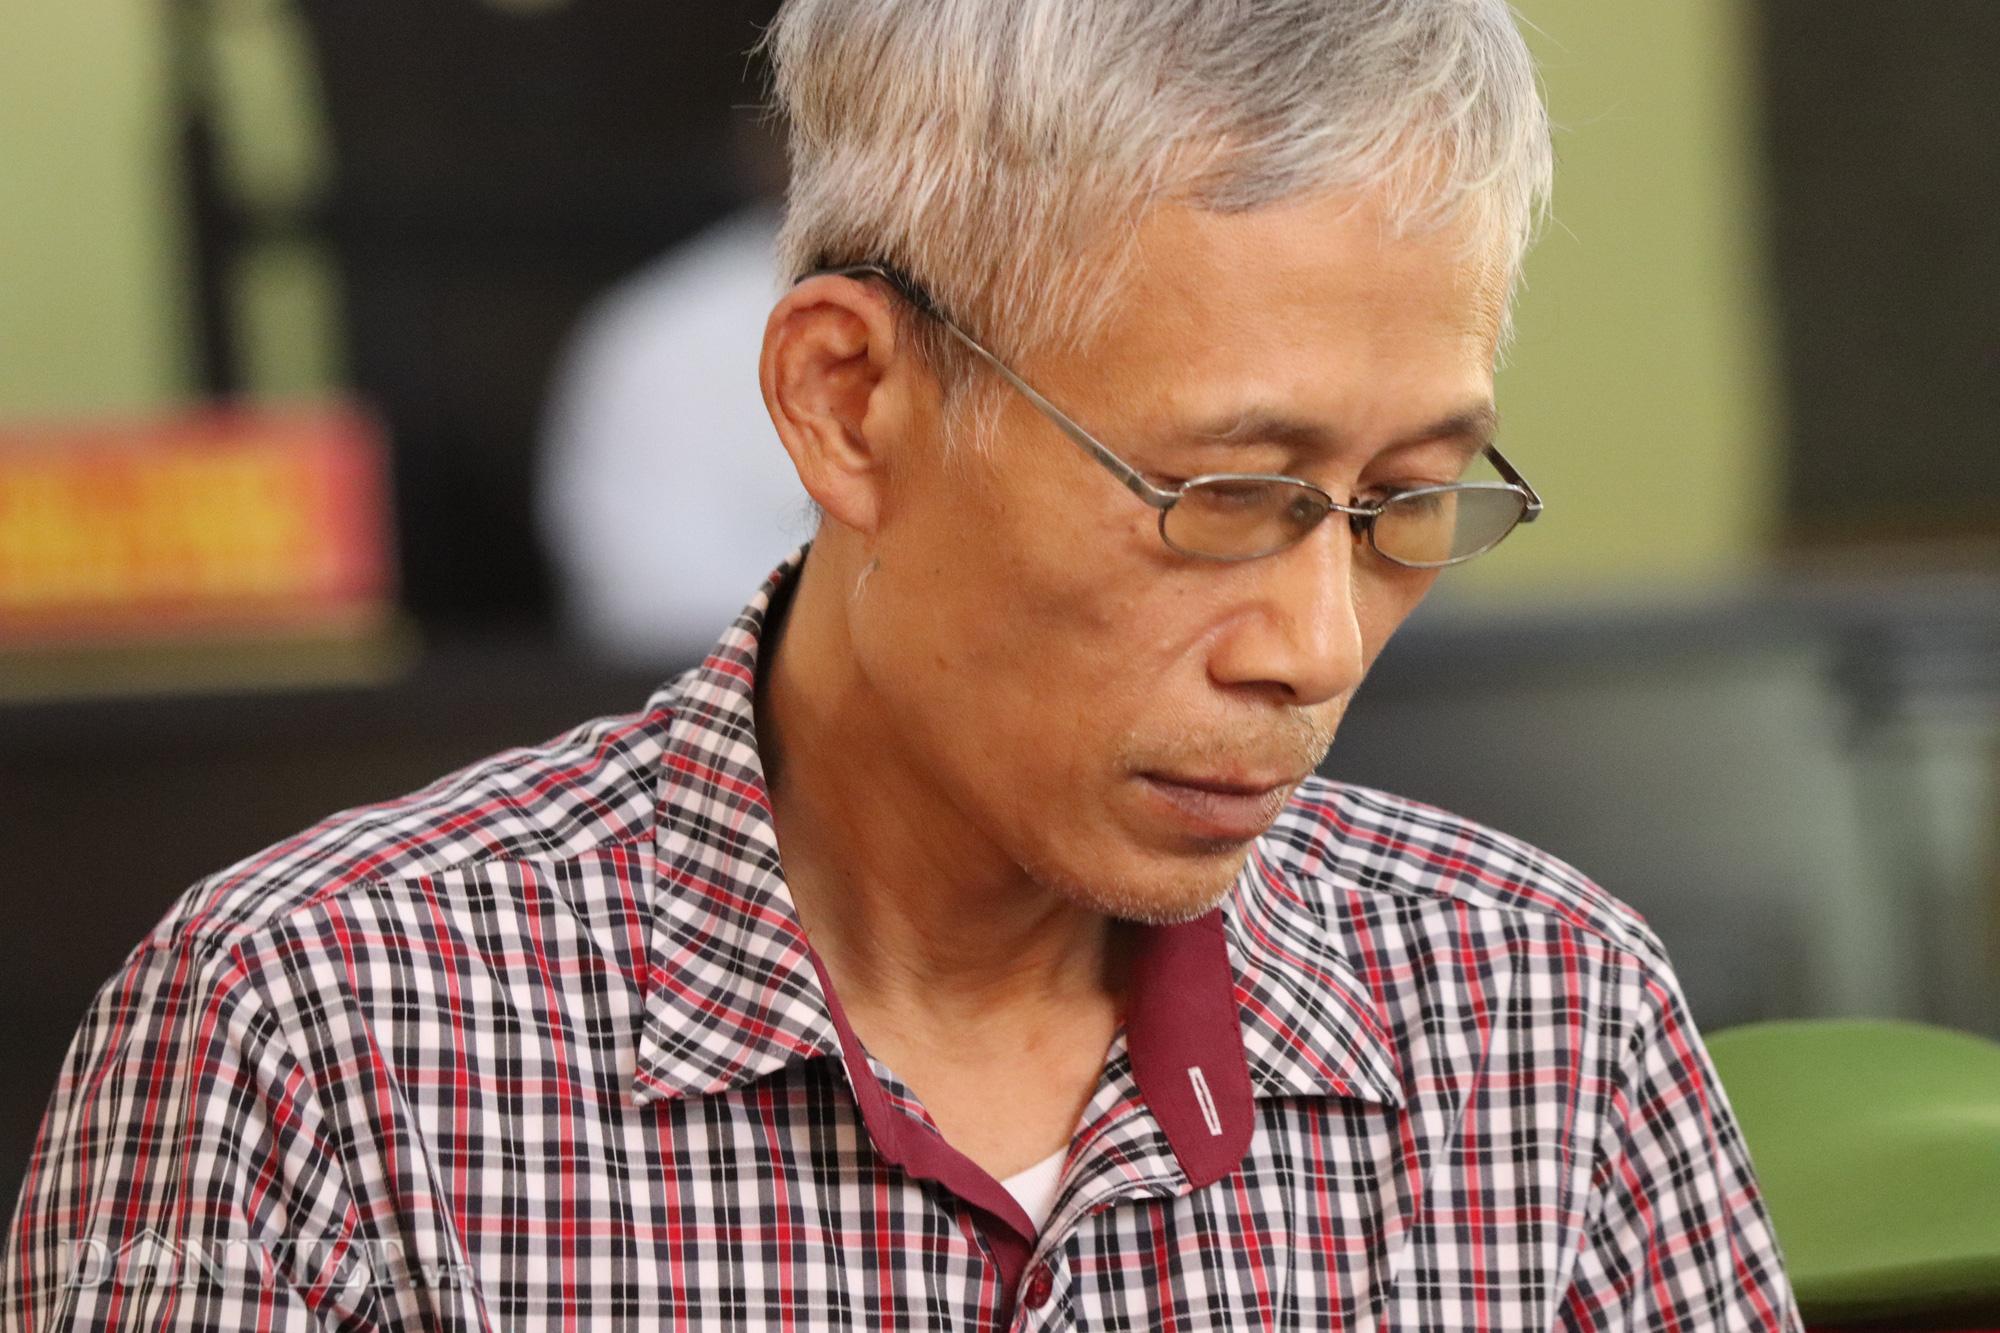 Cựu Giám đốc Sở GDĐT Hoàng Tiến Đức tiếp tục vắng mặt - Ảnh 5.